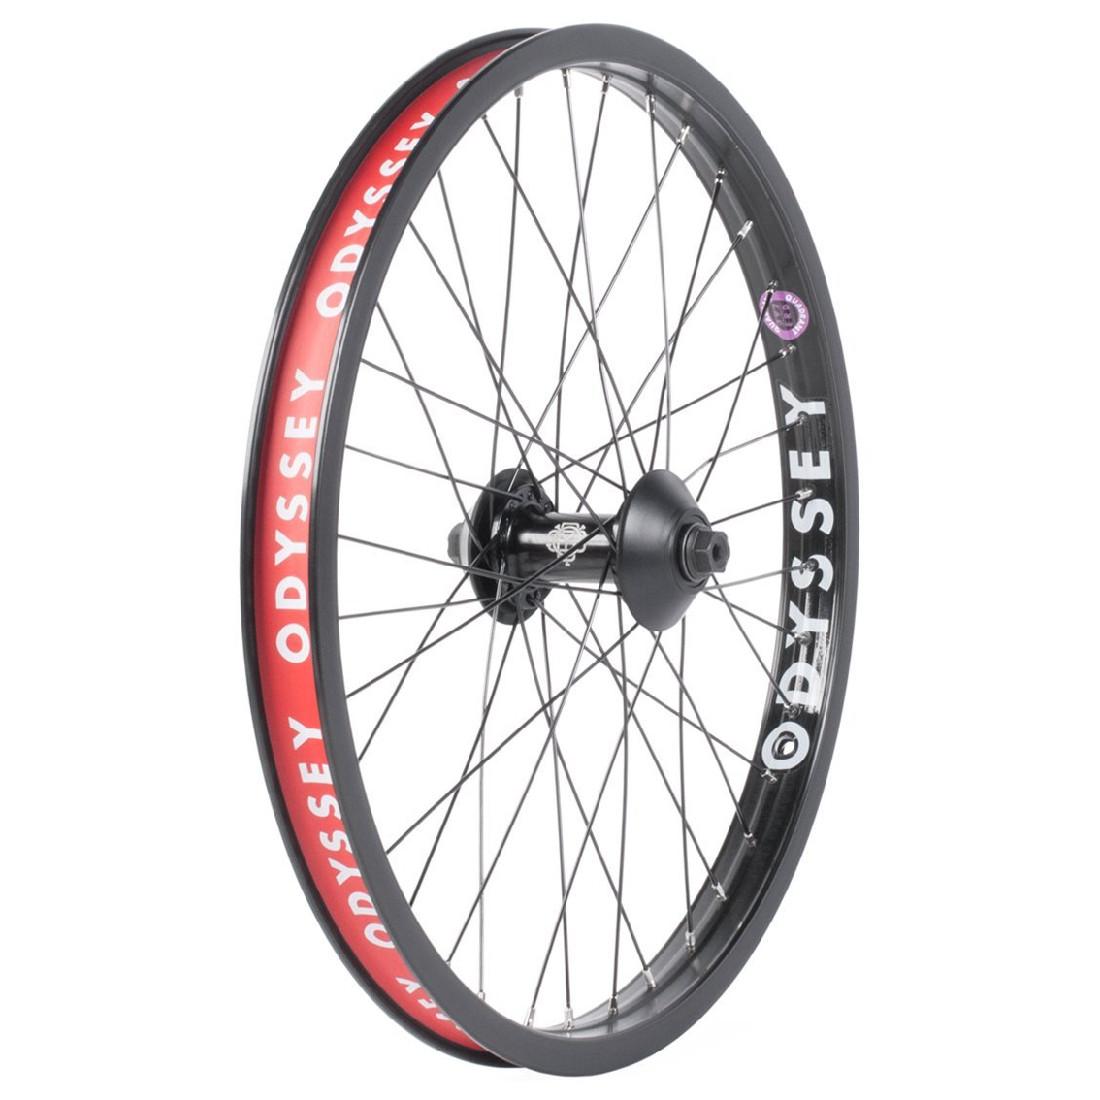 Odyssey - Quadrant C5 Front Wheel